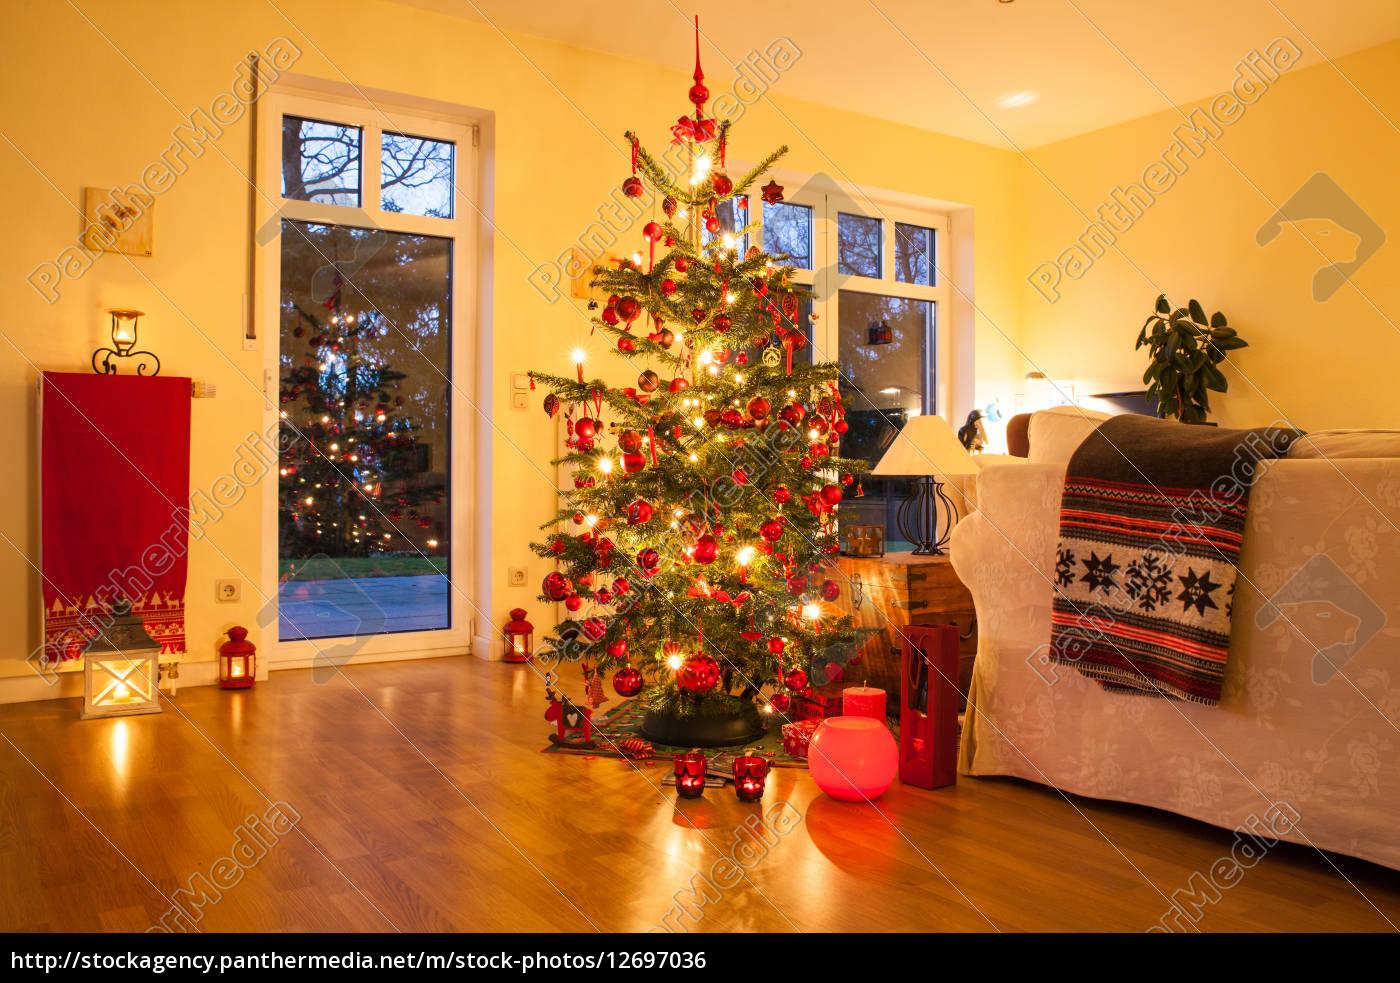 beleuchtete weihnachtsbaum - Lizenzfreies Foto - #12697036 ...